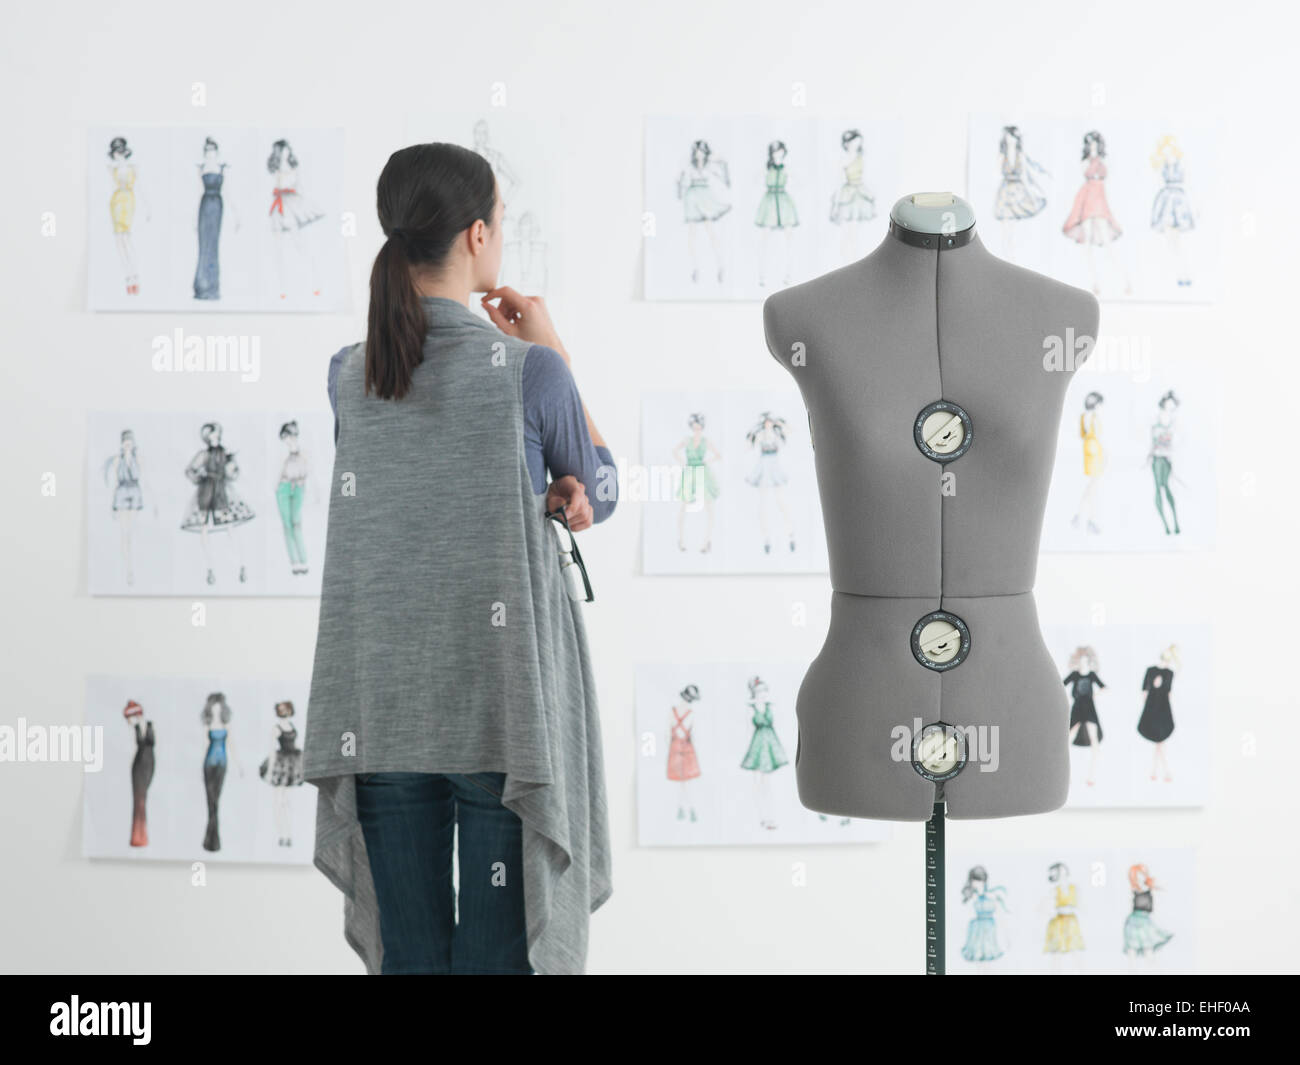 erfolgreiche weibliche Modedesignerin Blick auf Zeichnungen in ihrem Atelier Stockbild